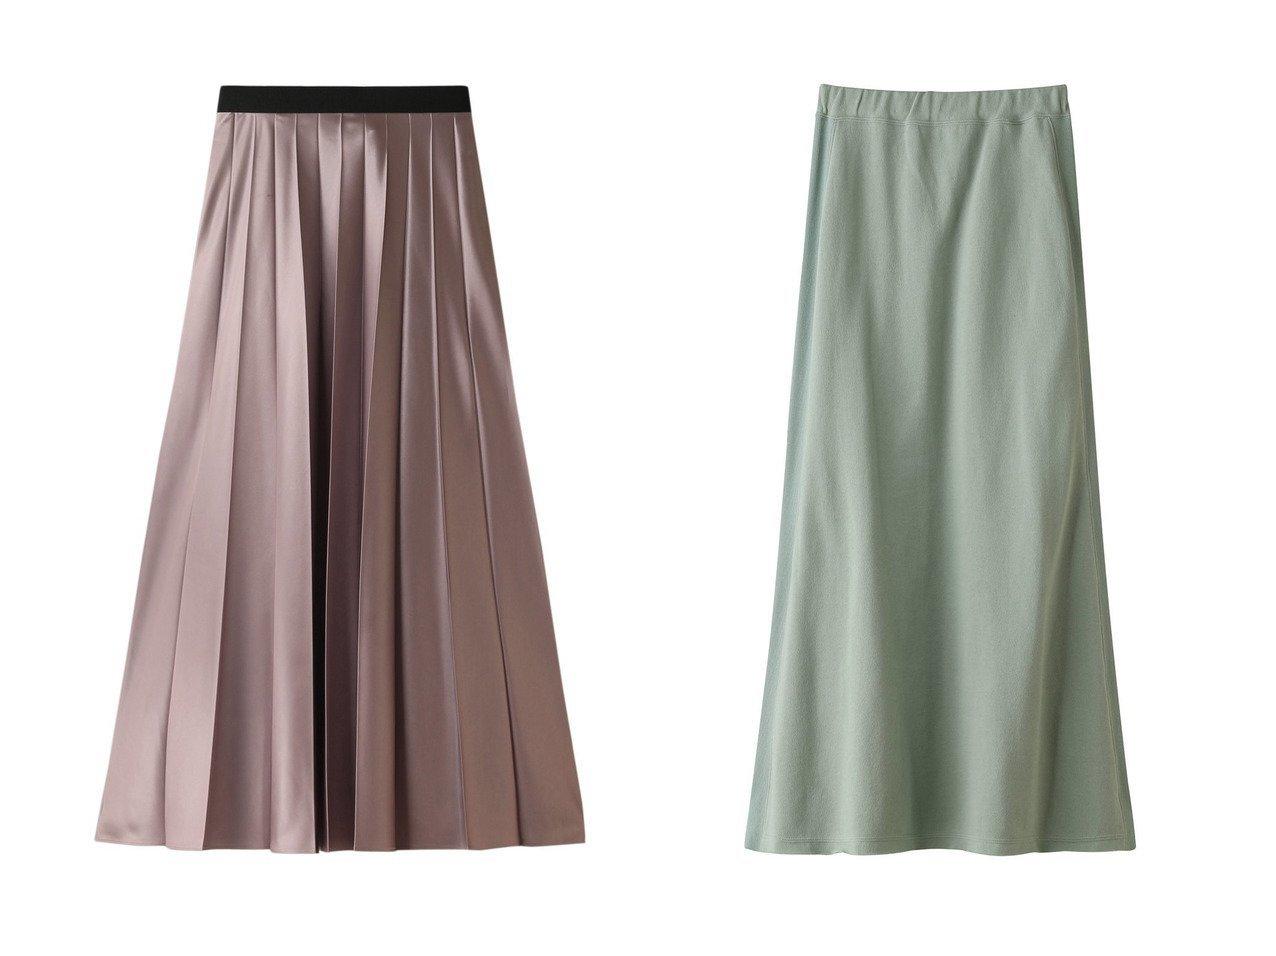 【JET/ジェット】の【JET LOSANGELES】【ウォッシャブル】ウエストゴムスウェットロングスカート&【allureville/アルアバイル】のレザーライクワイドプリーツスカート スカートのおすすめ!人気、レディースファッションの通販  おすすめで人気のファッション通販商品 インテリア・家具・キッズファッション・メンズファッション・レディースファッション・服の通販 founy(ファニー) https://founy.com/ ファッション Fashion レディース WOMEN スカート Skirt プリーツスカート Pleated Skirts ロングスカート Long Skirt シンプル ストレッチ ロング |ID:crp329100000000082